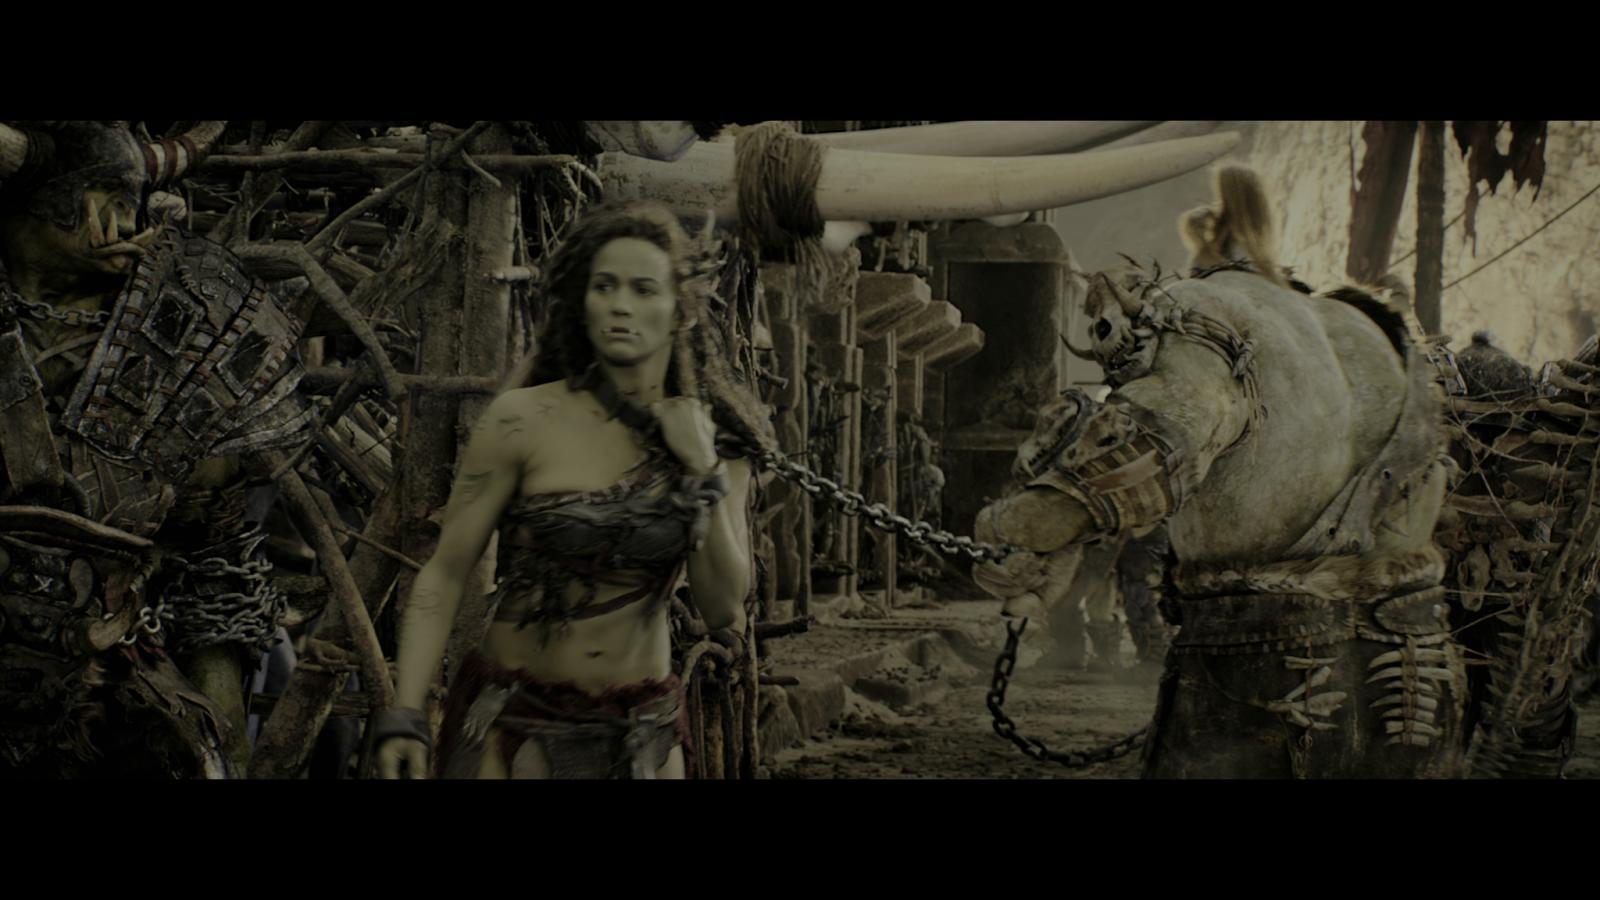 Warcraft: El Primer Encuentro de dos Mundos (2016) 4K UHD [HDR] Blu-Ray Completo captura 1